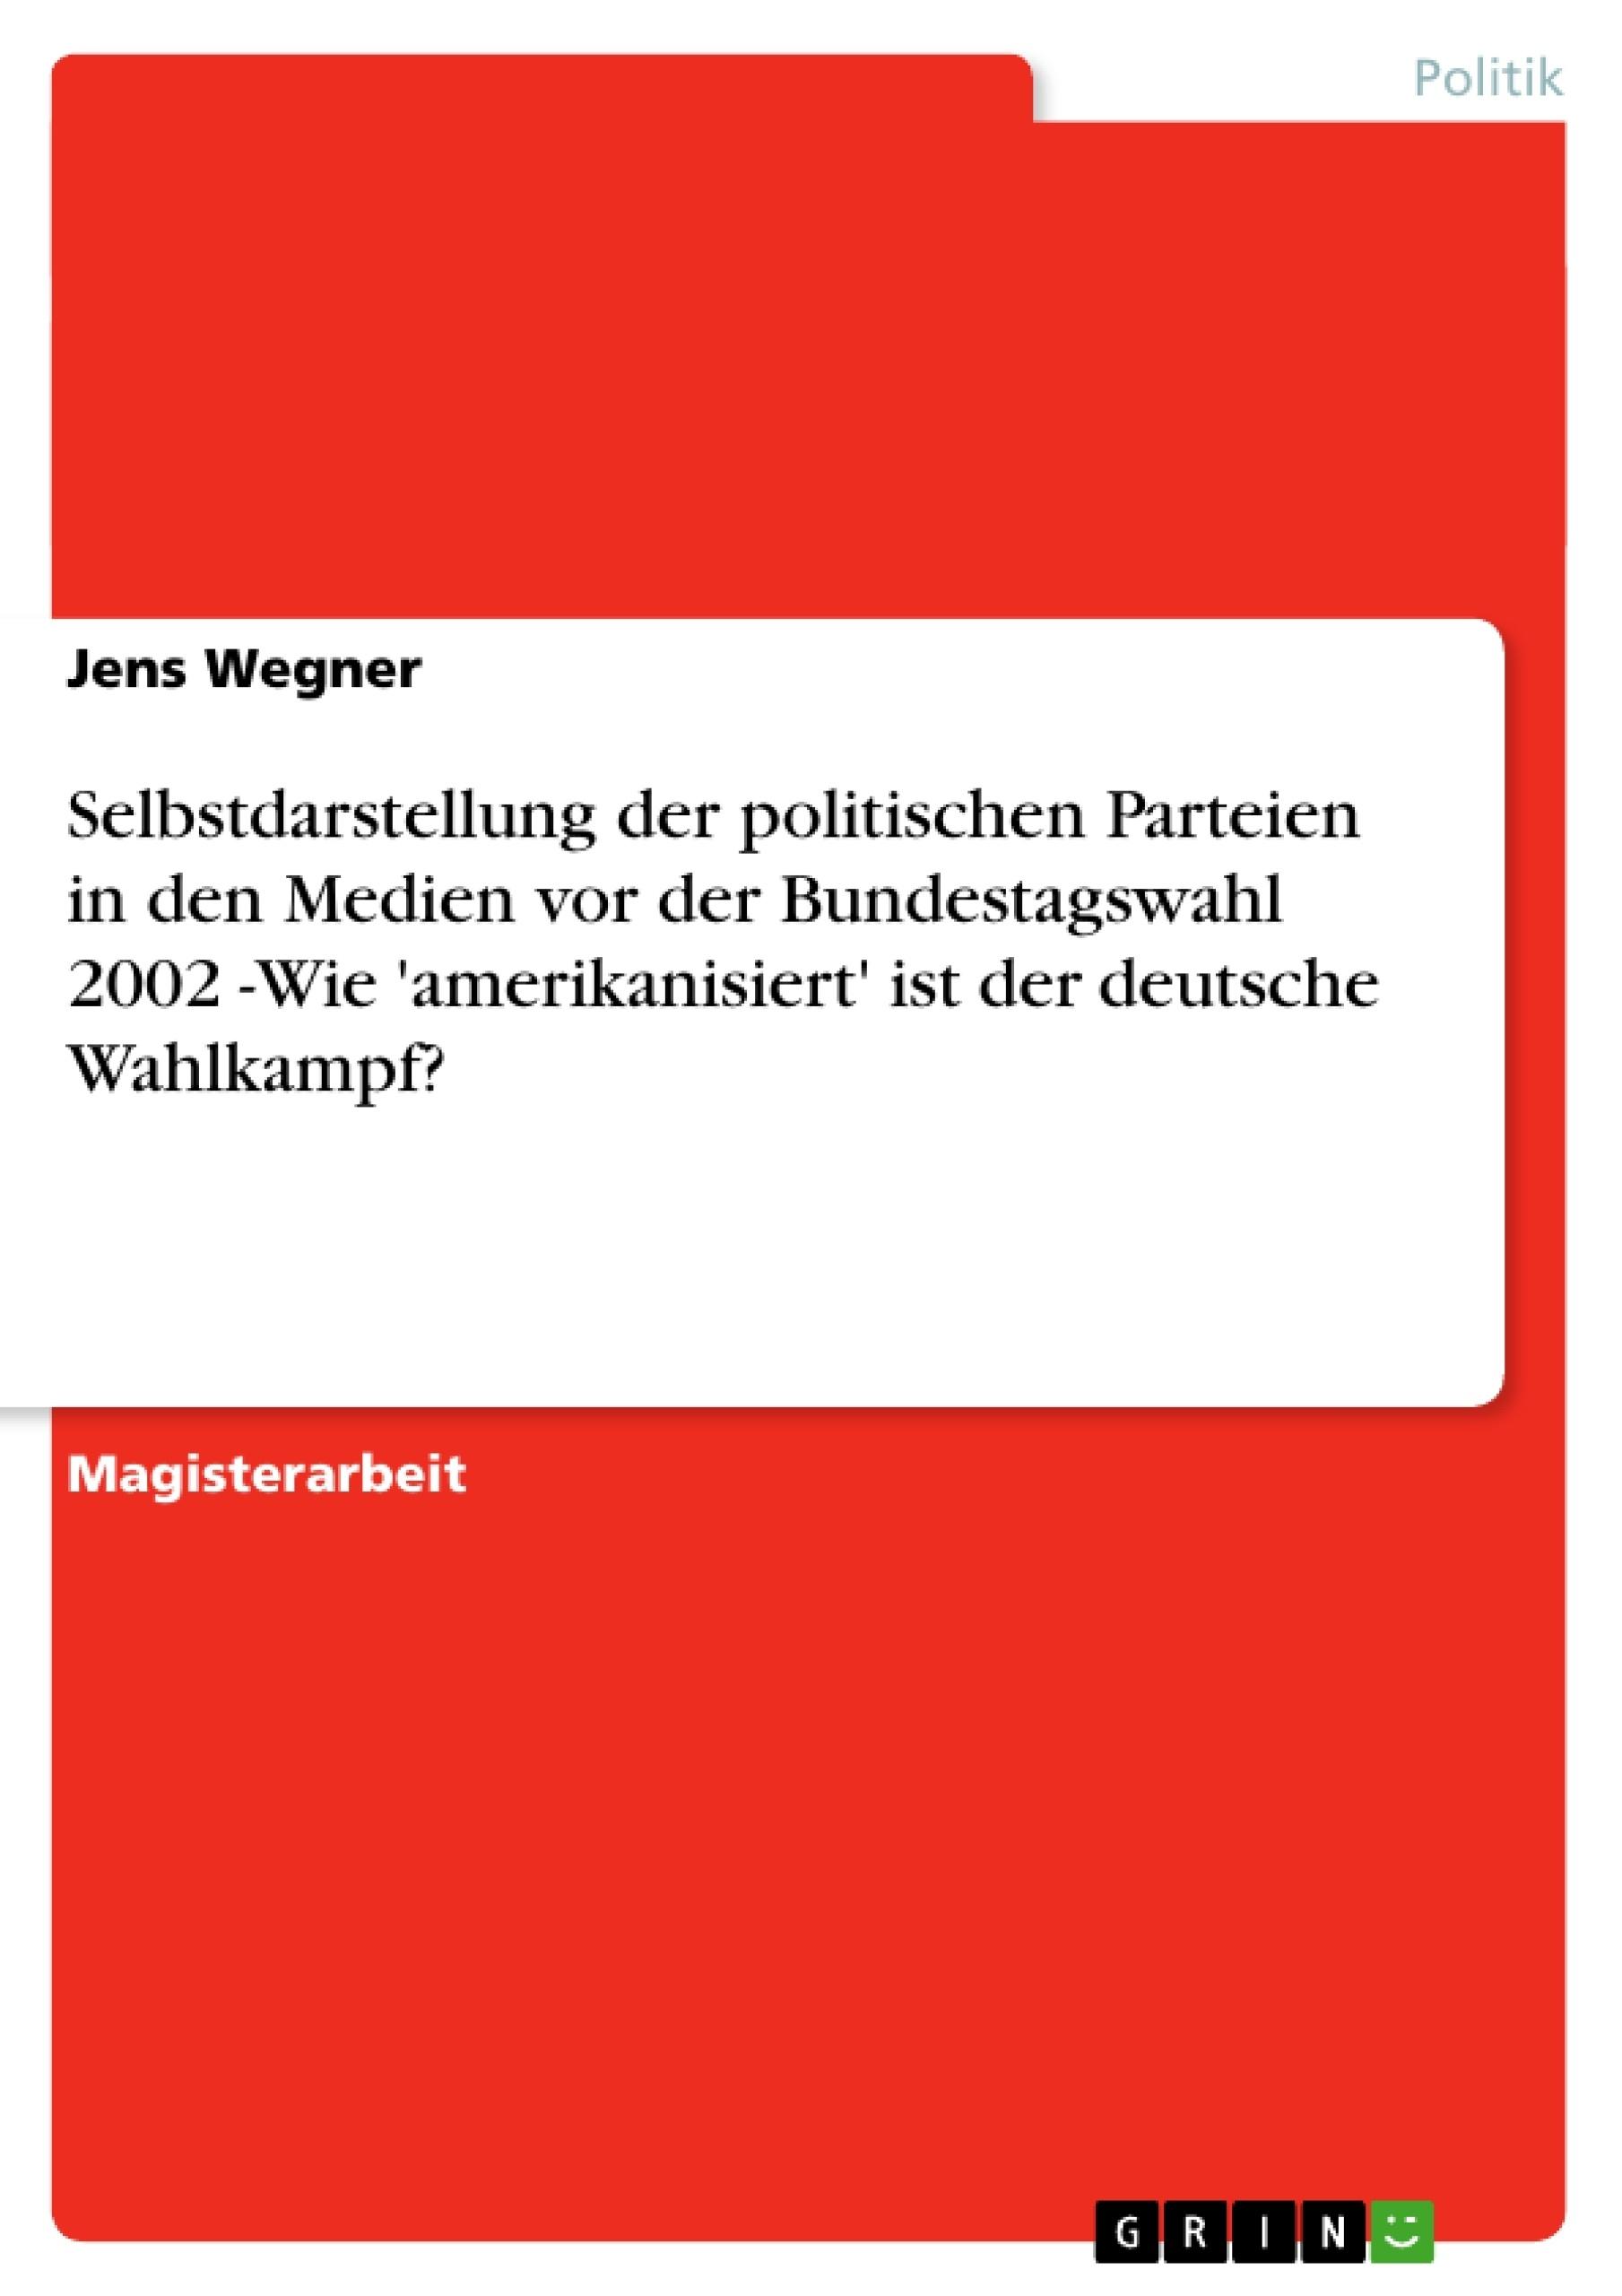 Titel: Selbstdarstellung der politischen Parteien in den Medien vor der Bundestagswahl 2002 -Wie 'amerikanisiert' ist der deutsche Wahlkampf?